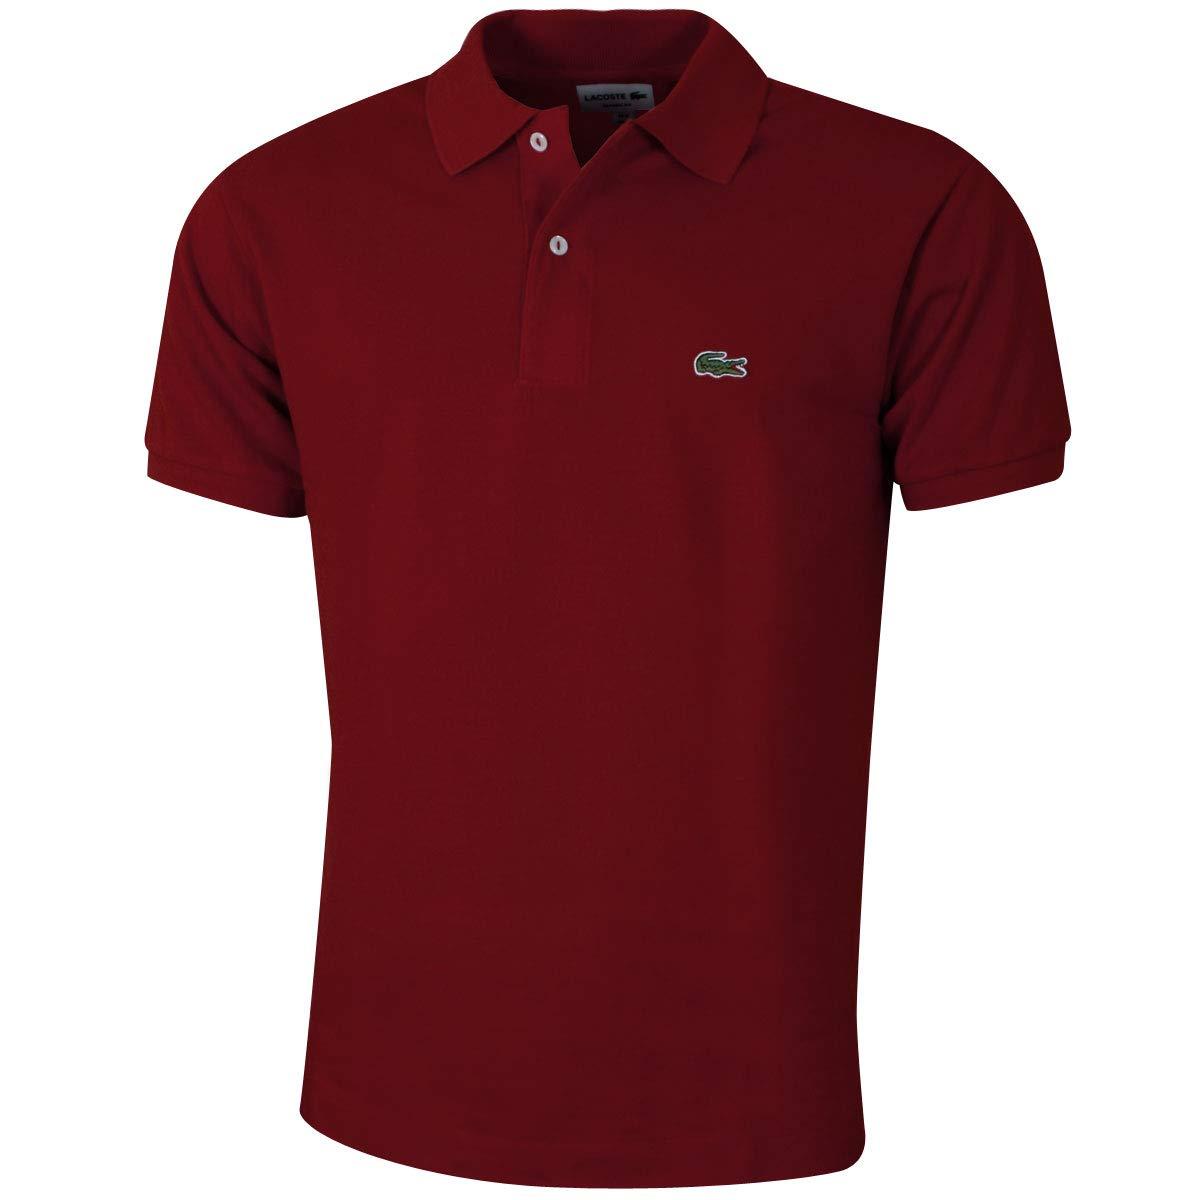 Lacoste Herren Poloshirt B07M5LJWL4 Poloshirts Ausgezeichnete Qualität